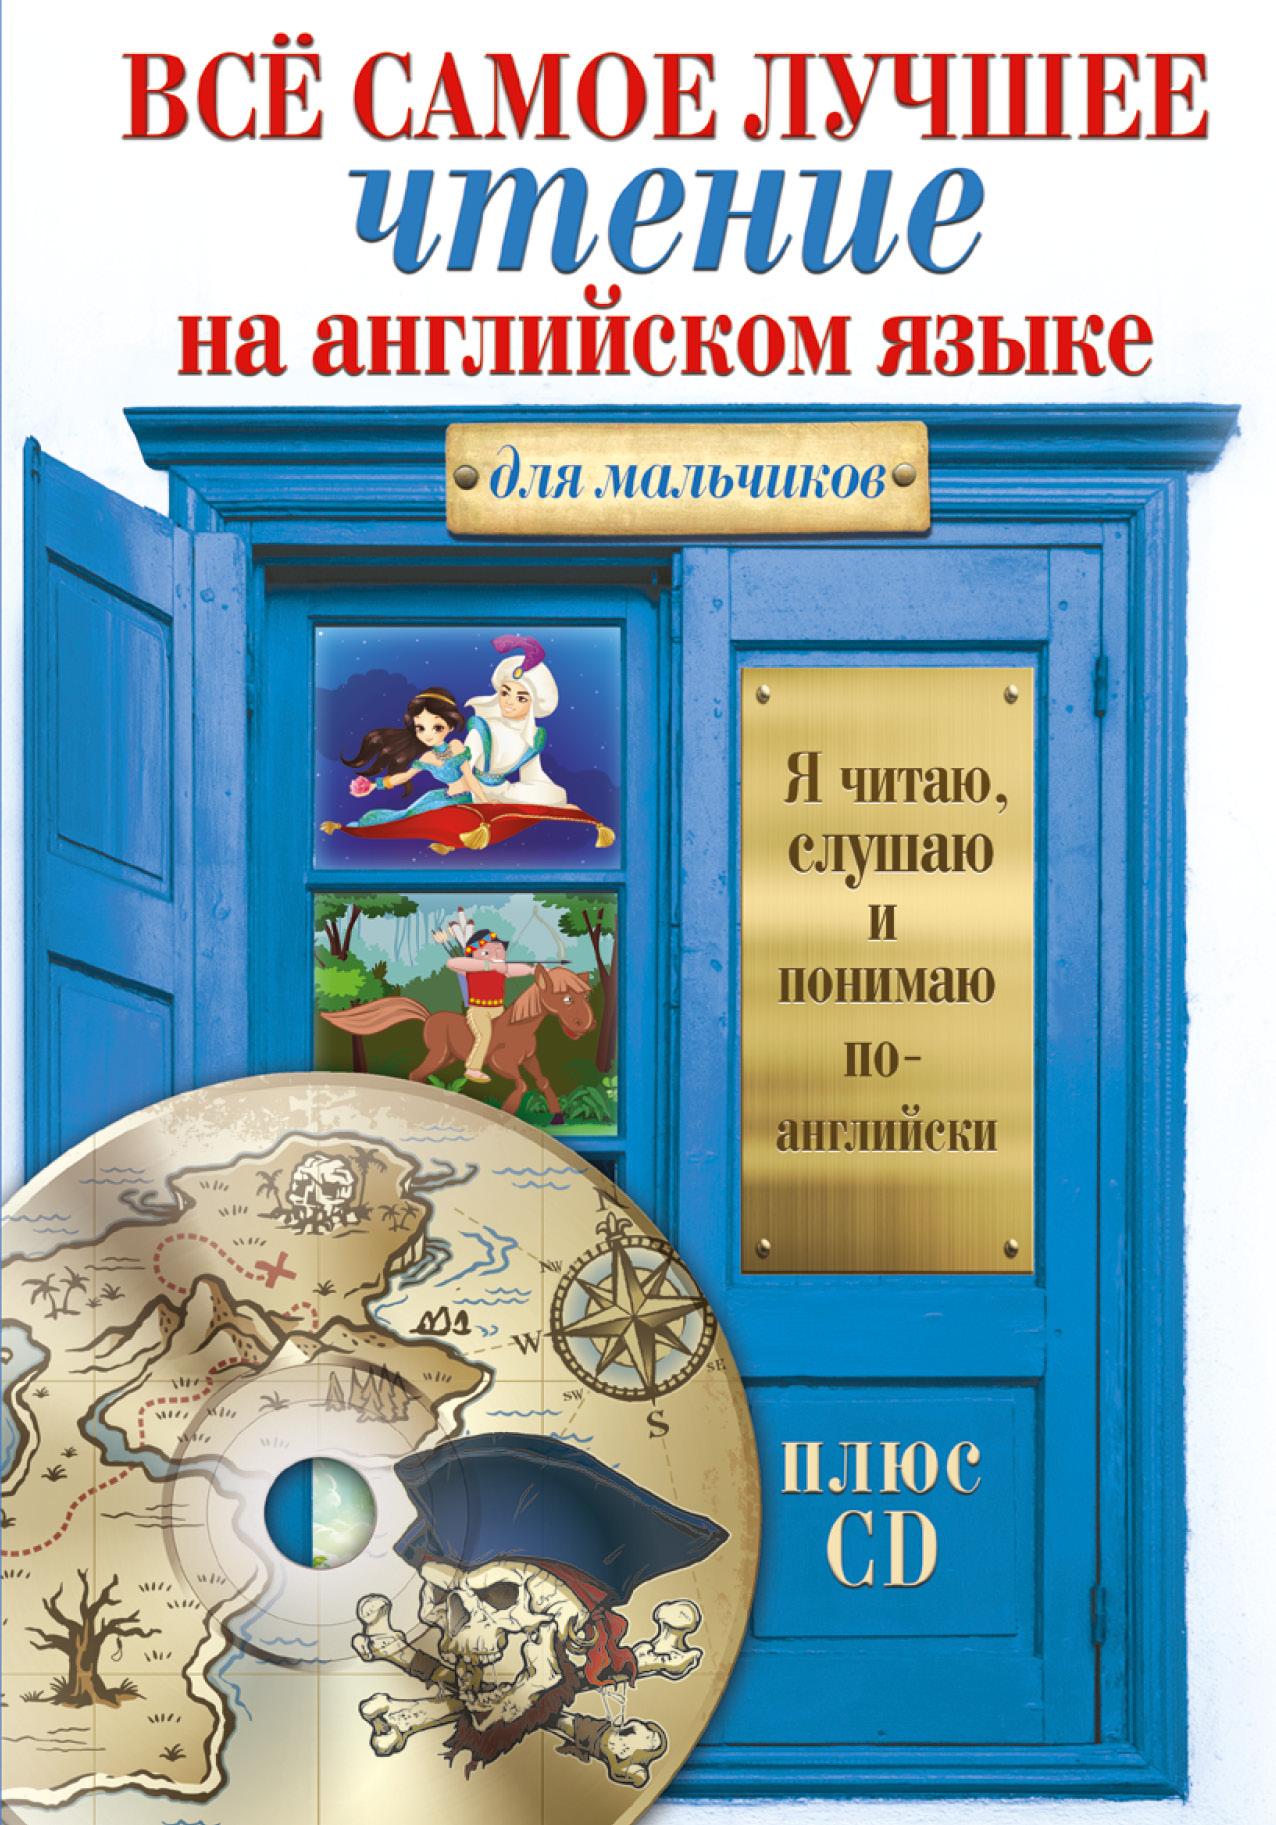 Всё самое лучшее чтение на английском языке для мальчиков + CD от book24.ru